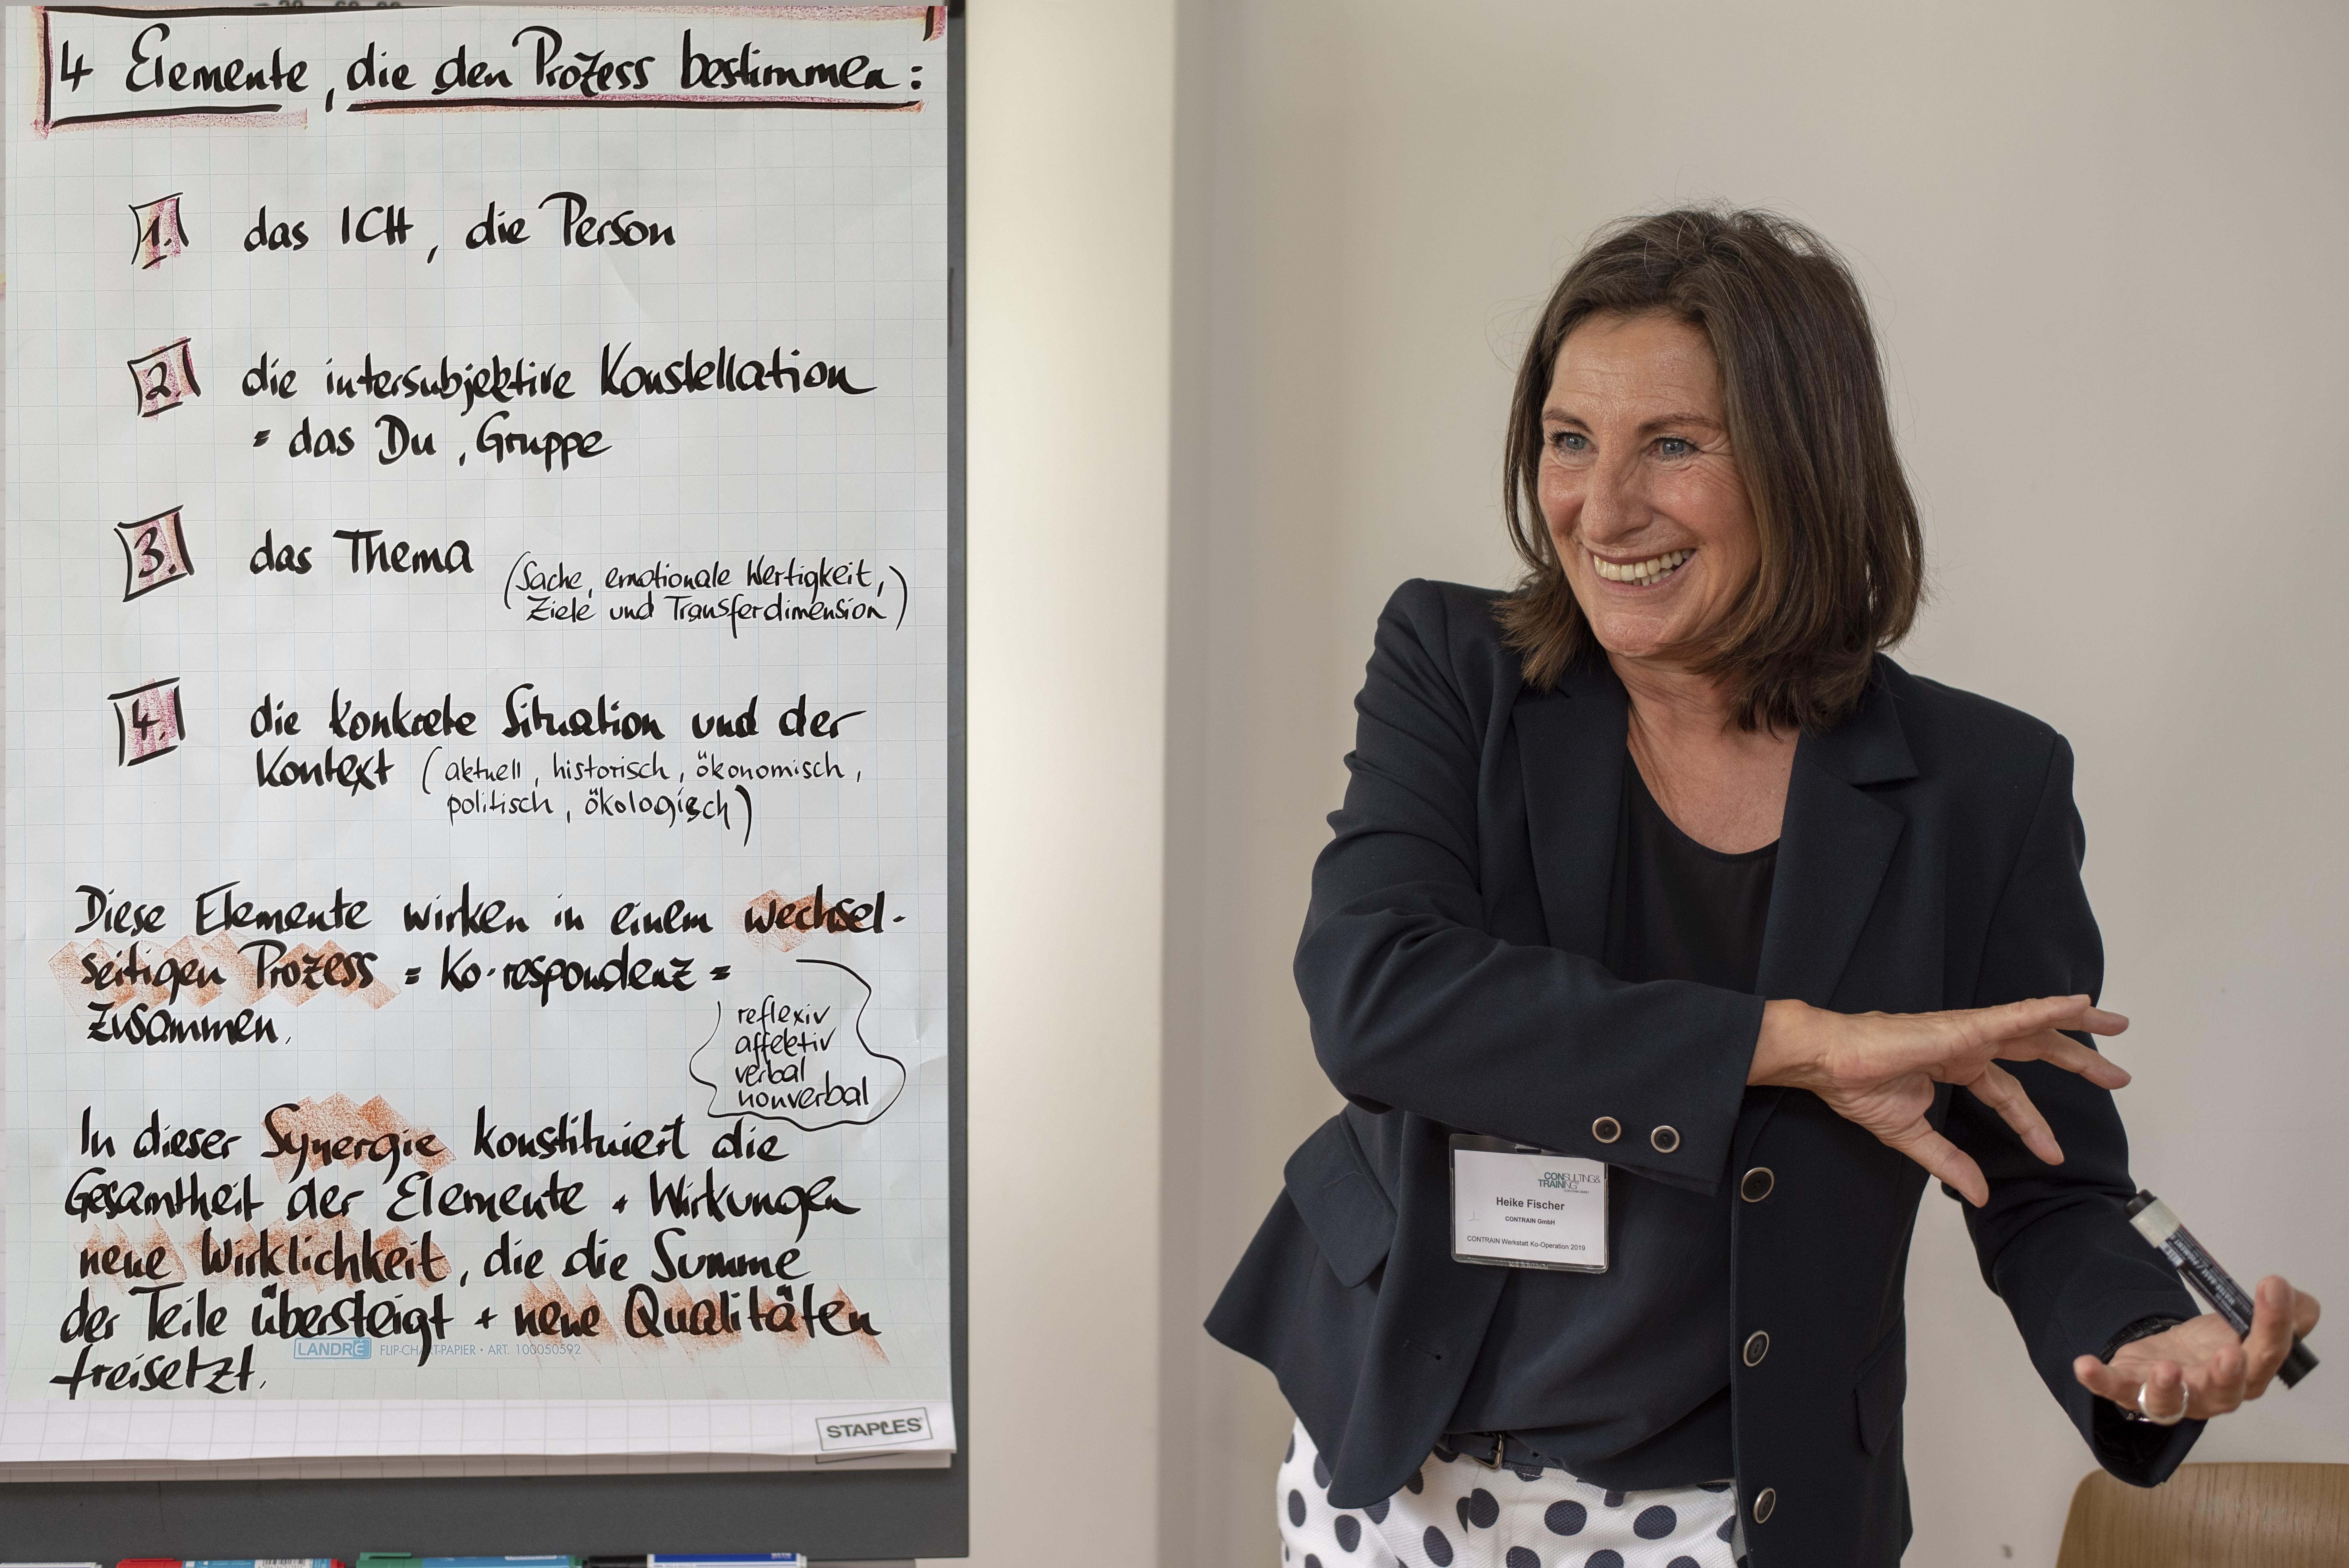 Heike Fischer Moderation Transformation